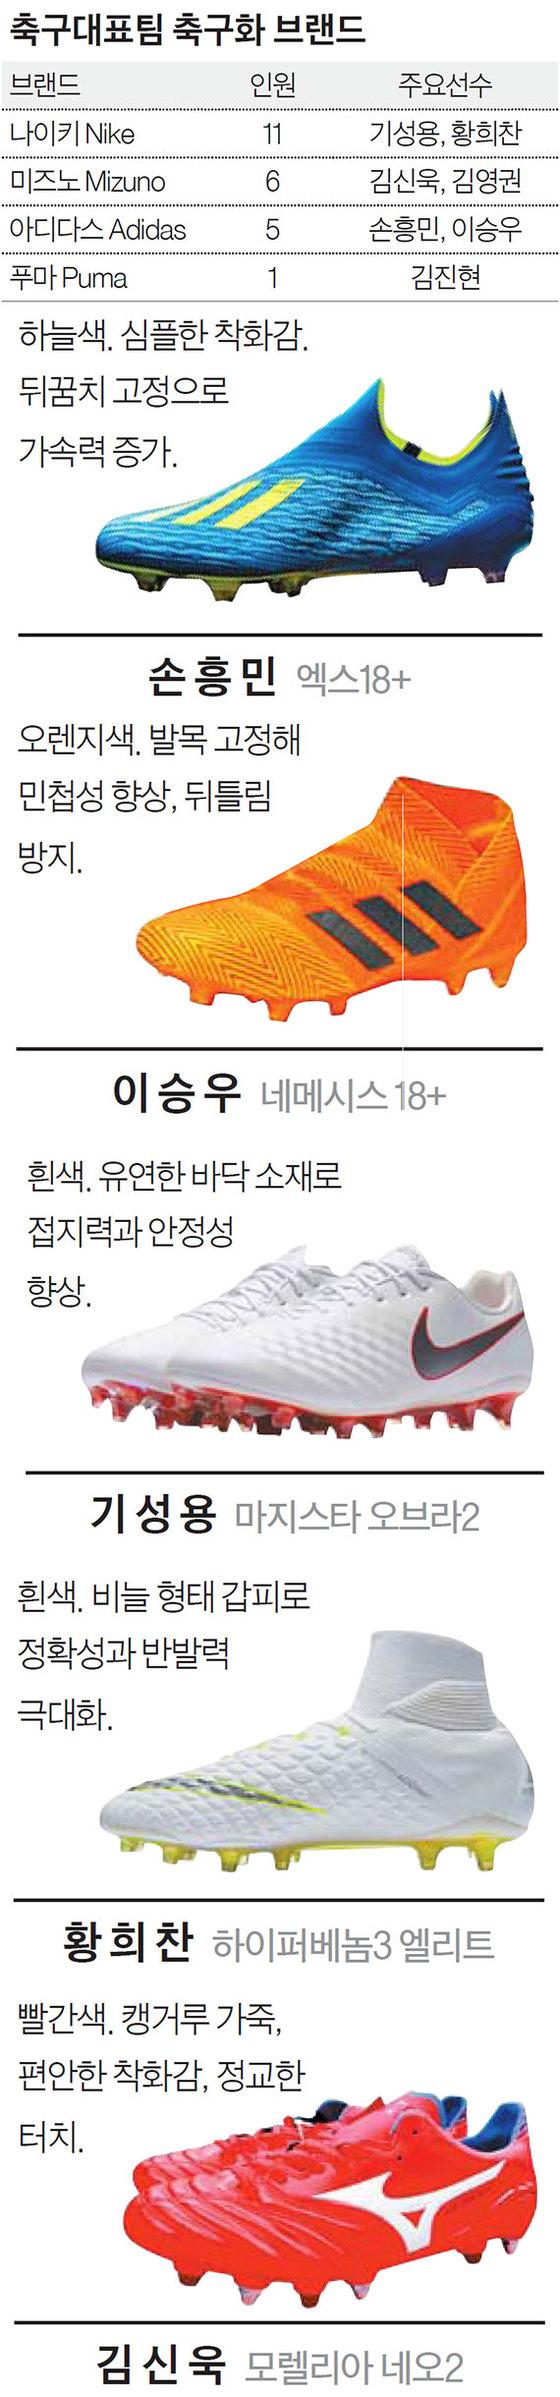 축구화는 그냥 신발이 아닙니다, 과학